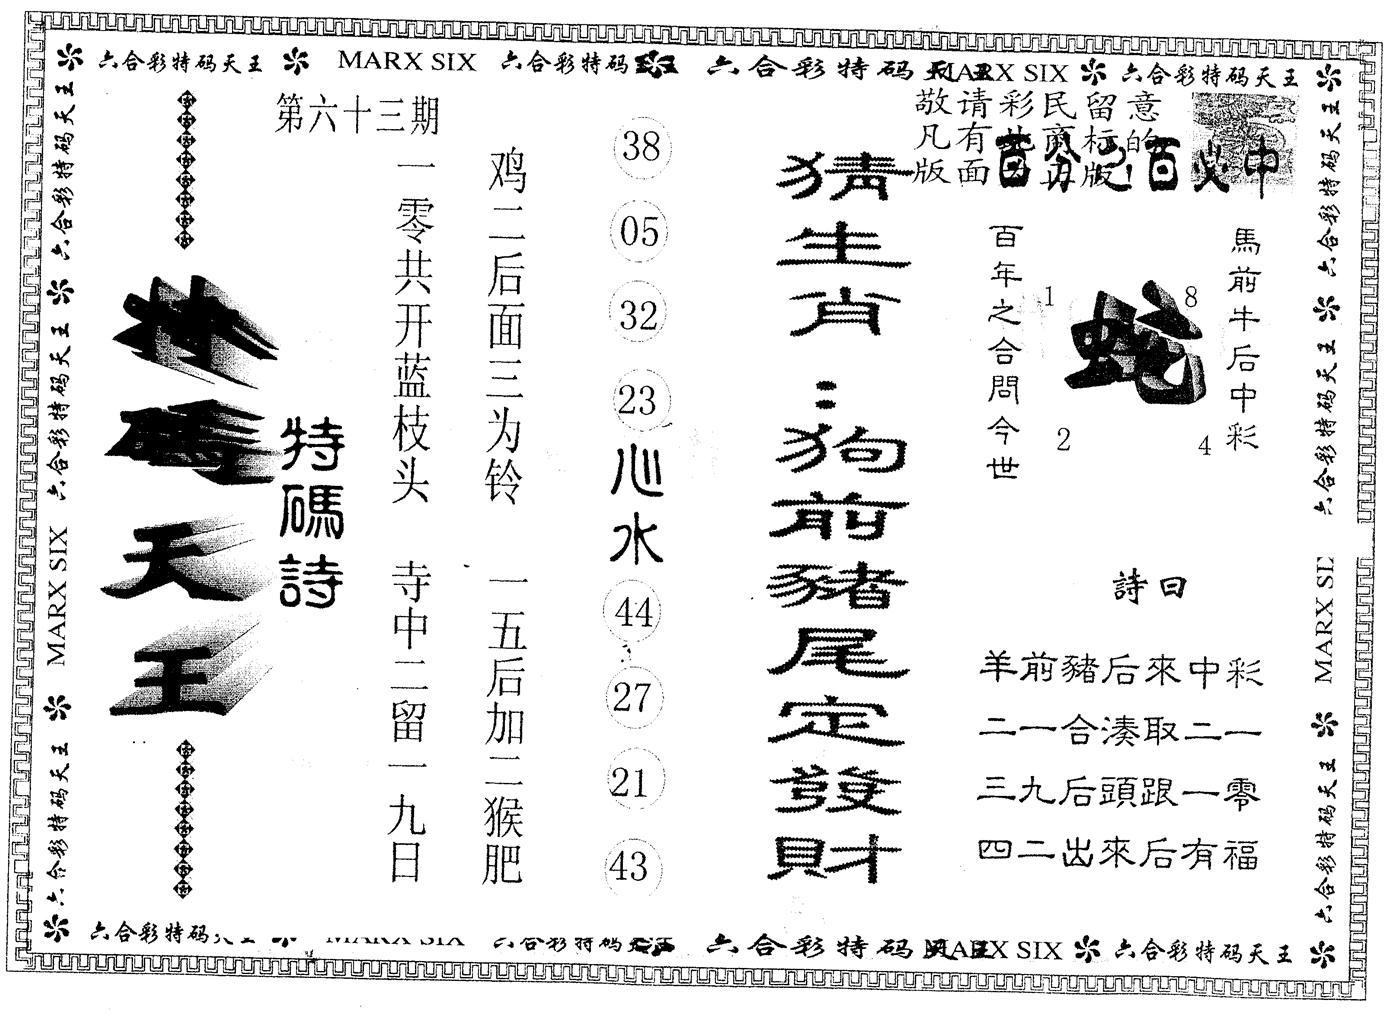 063期另版特码天王(黑白)